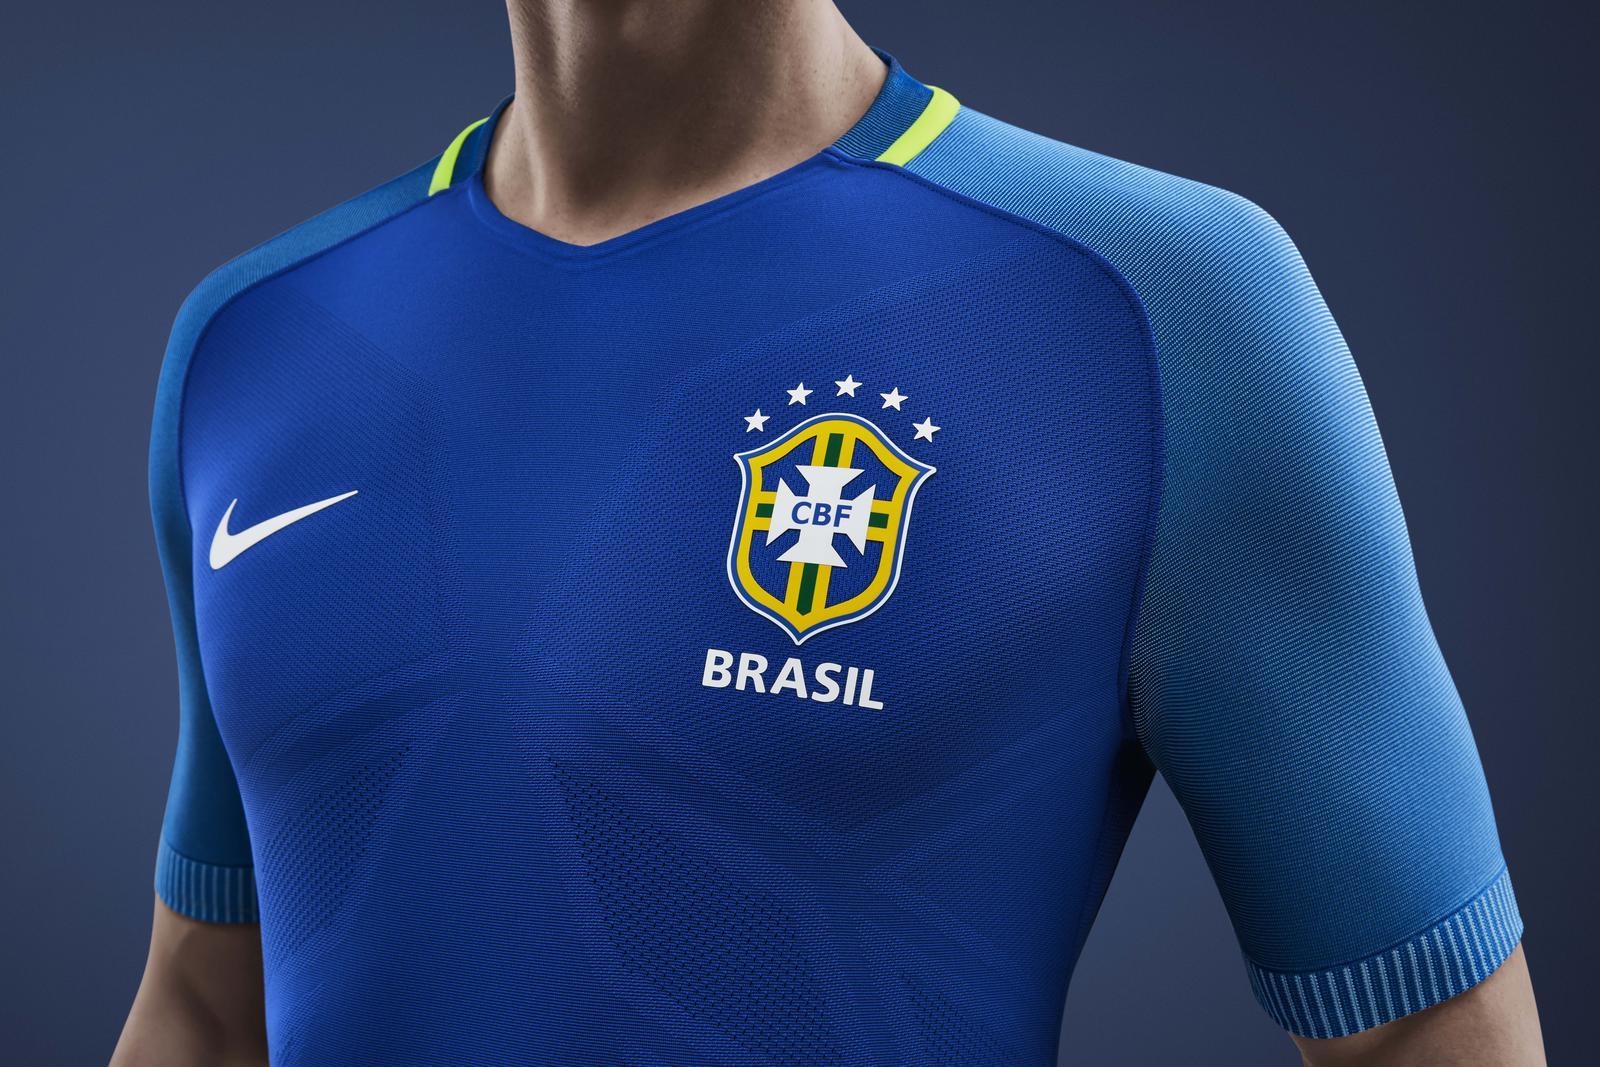 La CoppaAmerica compie 100 anni e il Brasile si rinnova:ecco le nuove maglie realizzate da Nike per l'occasione. Le divise Nike Aeroswift Vapor, ad oggi le più avanzate dal punto di vista tecnologico, sono più leggere del 10% e più elasticizzate del 50% rispetto alle divise che andranno a sostituire Ogni divisa viene realizzata usando in media 18 bottiglie di plastica riciclata. Dal 2010, Nike ha recuperato dalle discariche più di 2 miliardi di bottiglie di plastica trasformandole in poliestere riciclato, una quantità sufficiente per ricoprire 3500 campi di calcio.